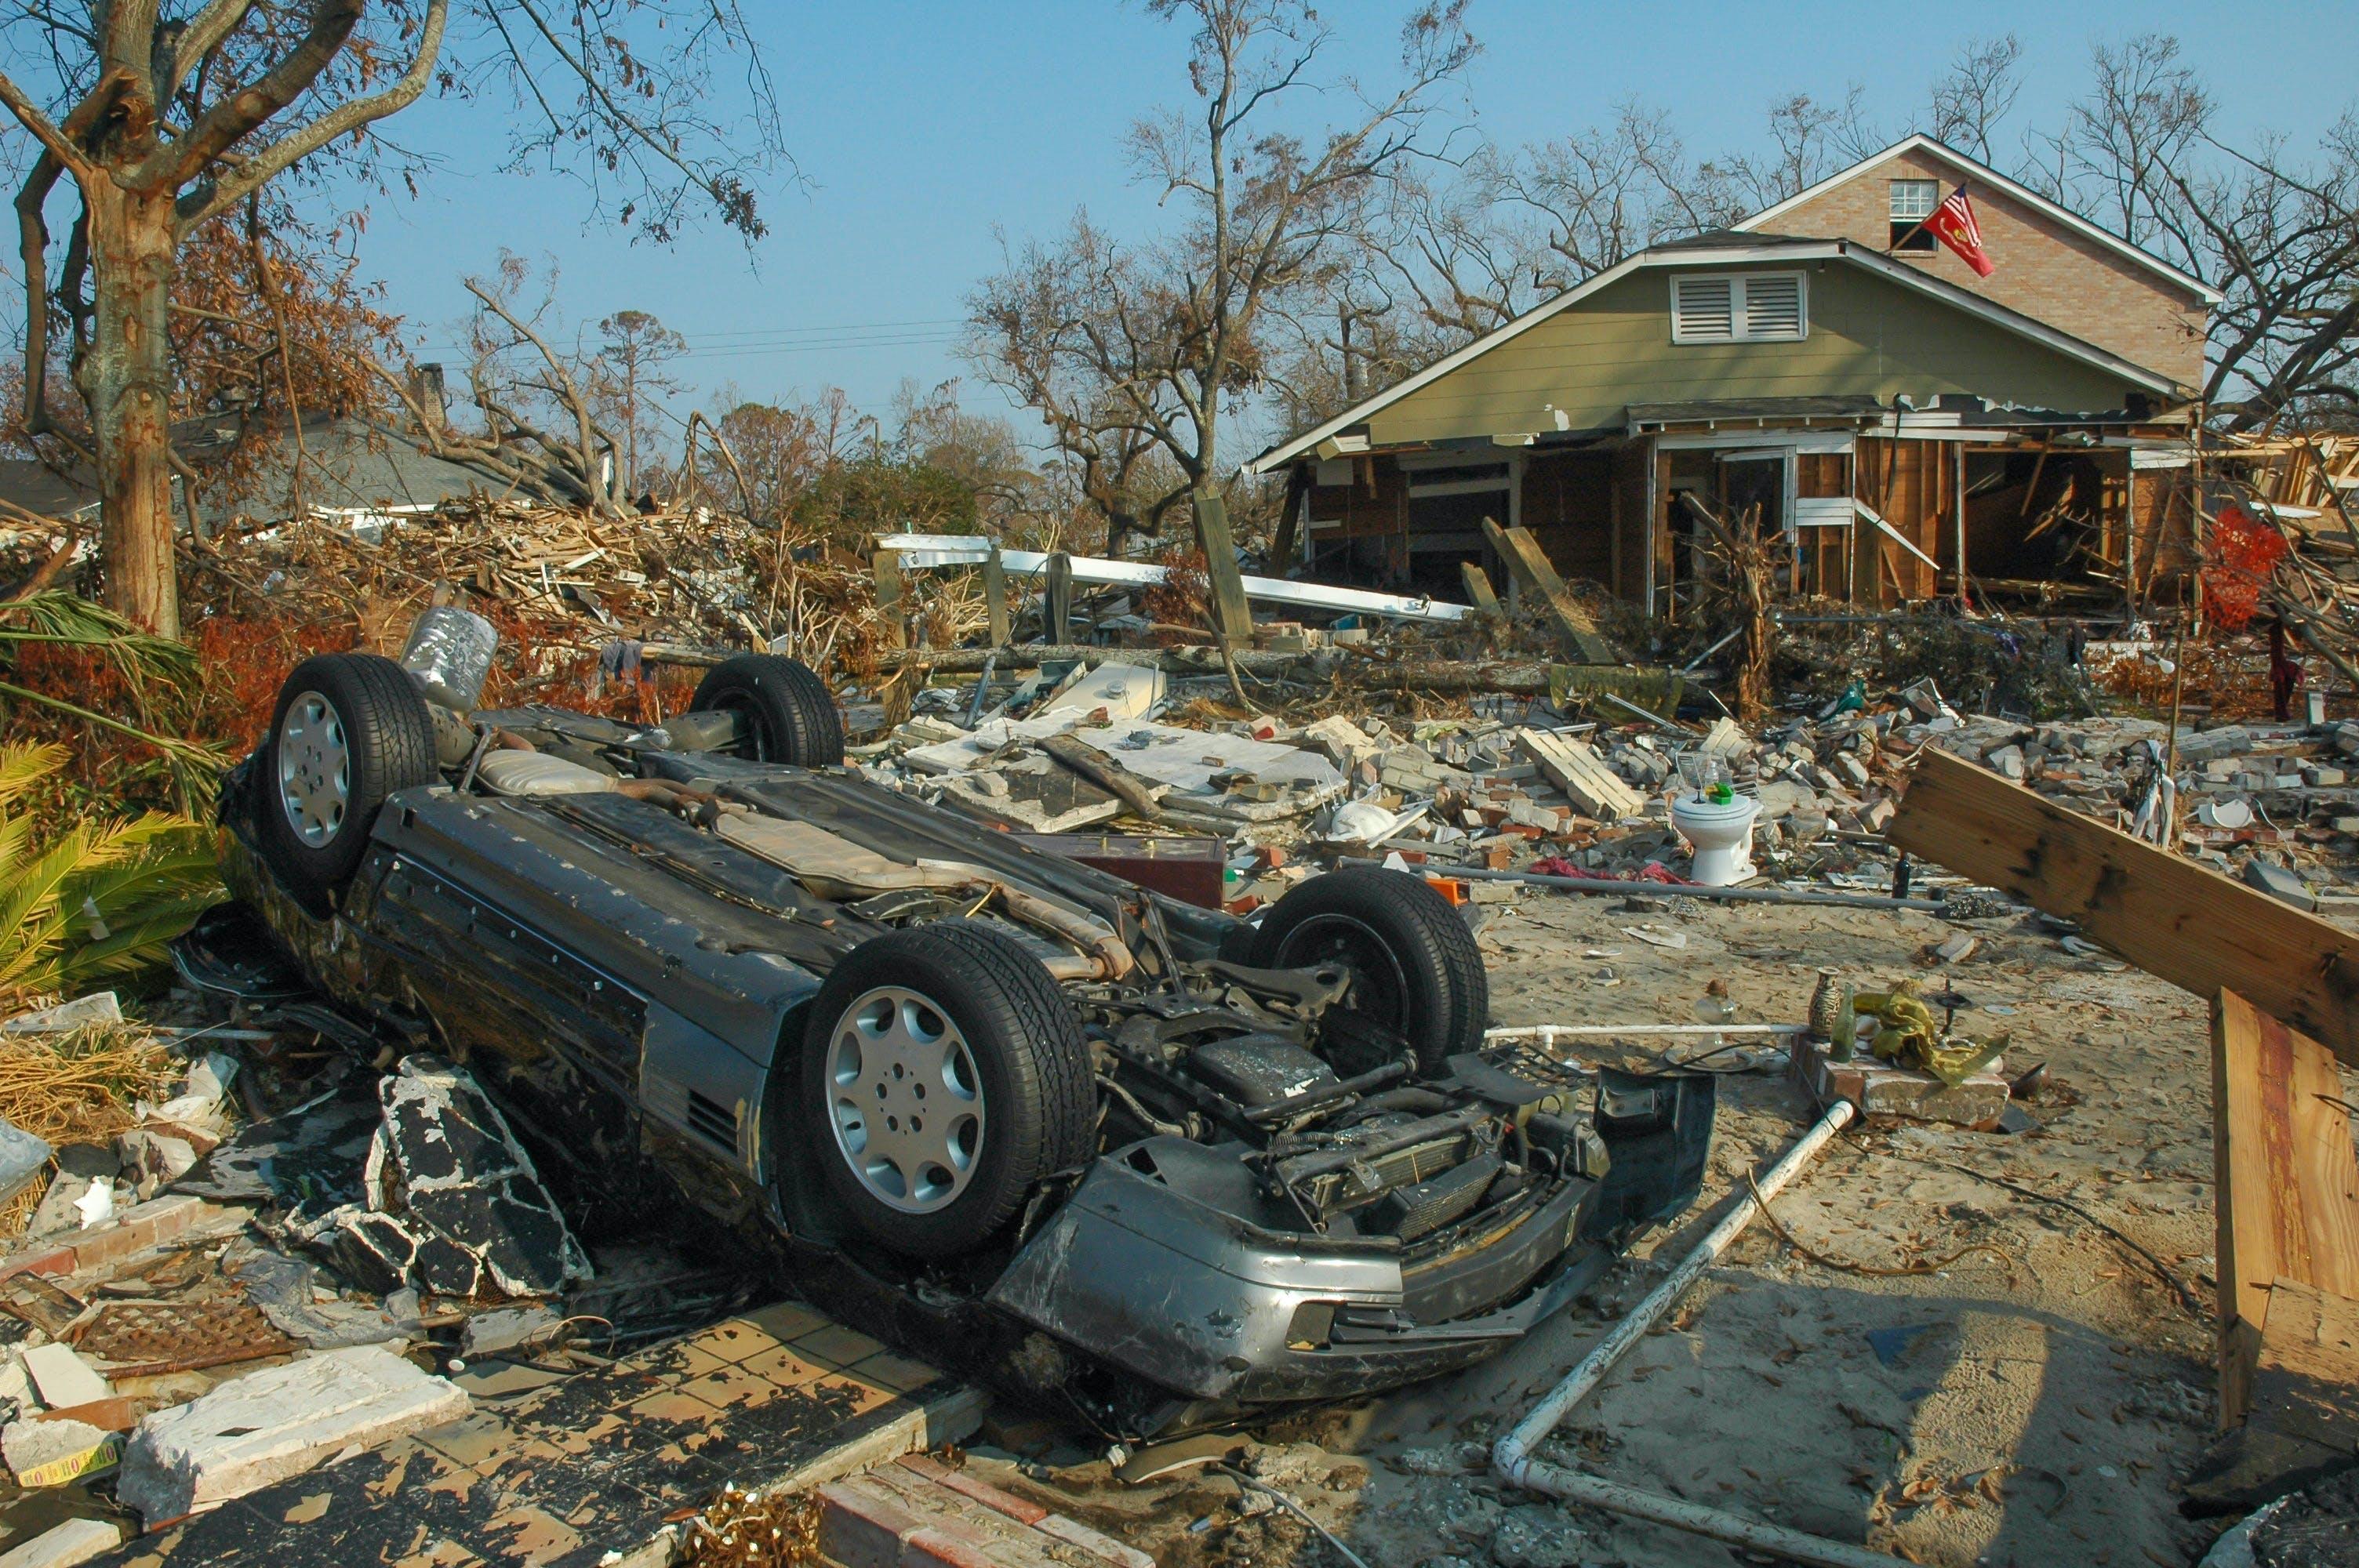 Gulfport, MS, USA få dage efter katastrofen i New Orleans i 2005